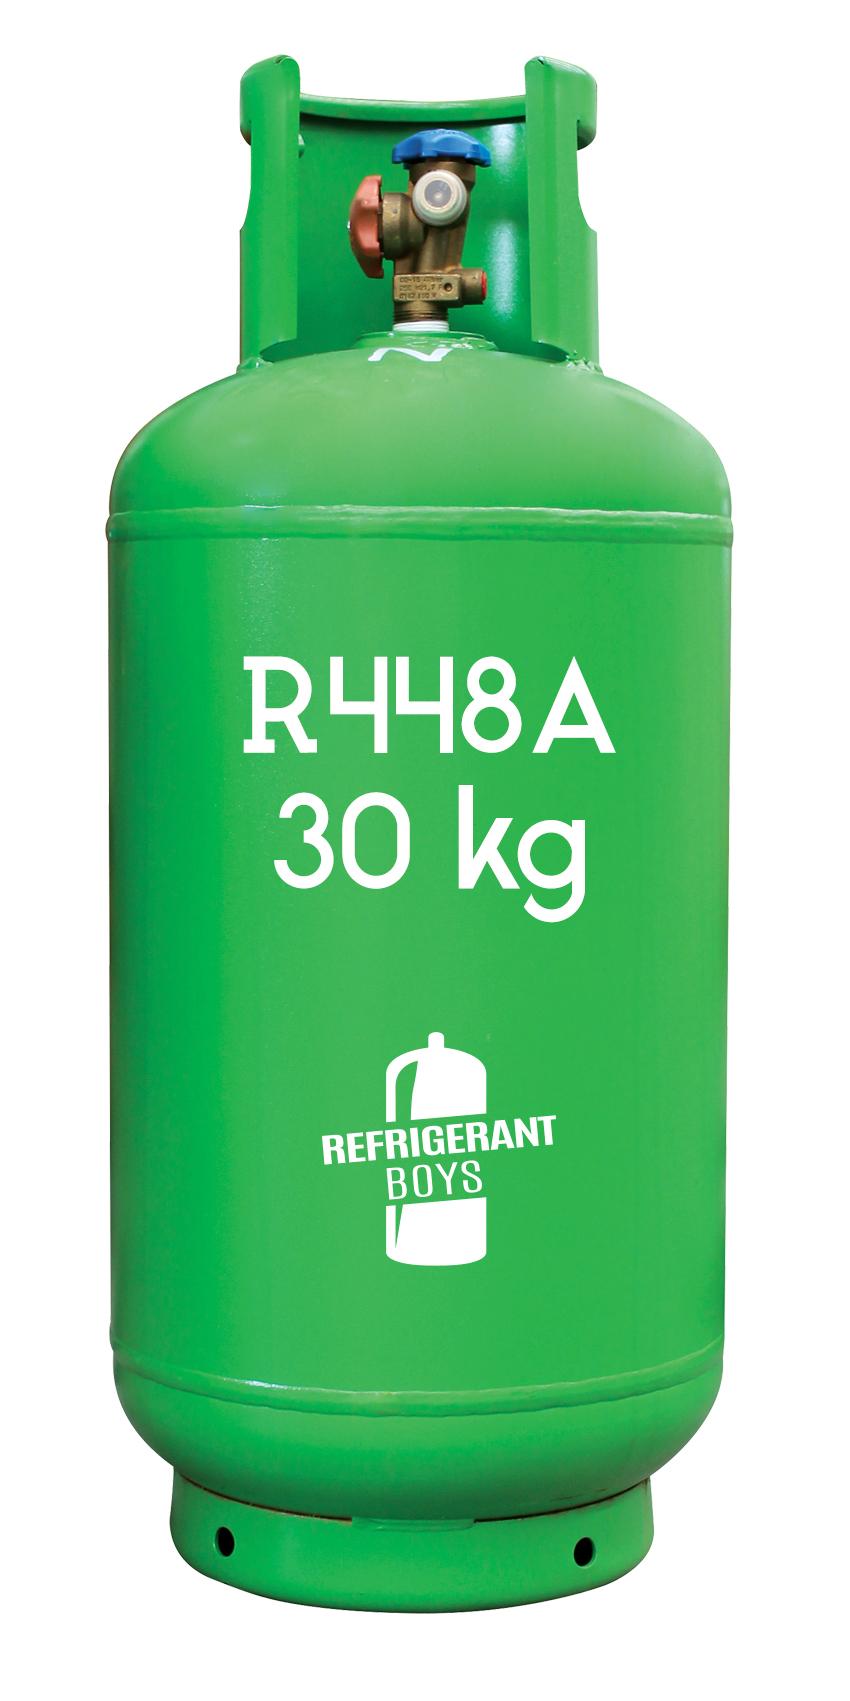 bouteille de gaz r448a avec 30 kg vanne 21 7 x 1 1 4. Black Bedroom Furniture Sets. Home Design Ideas